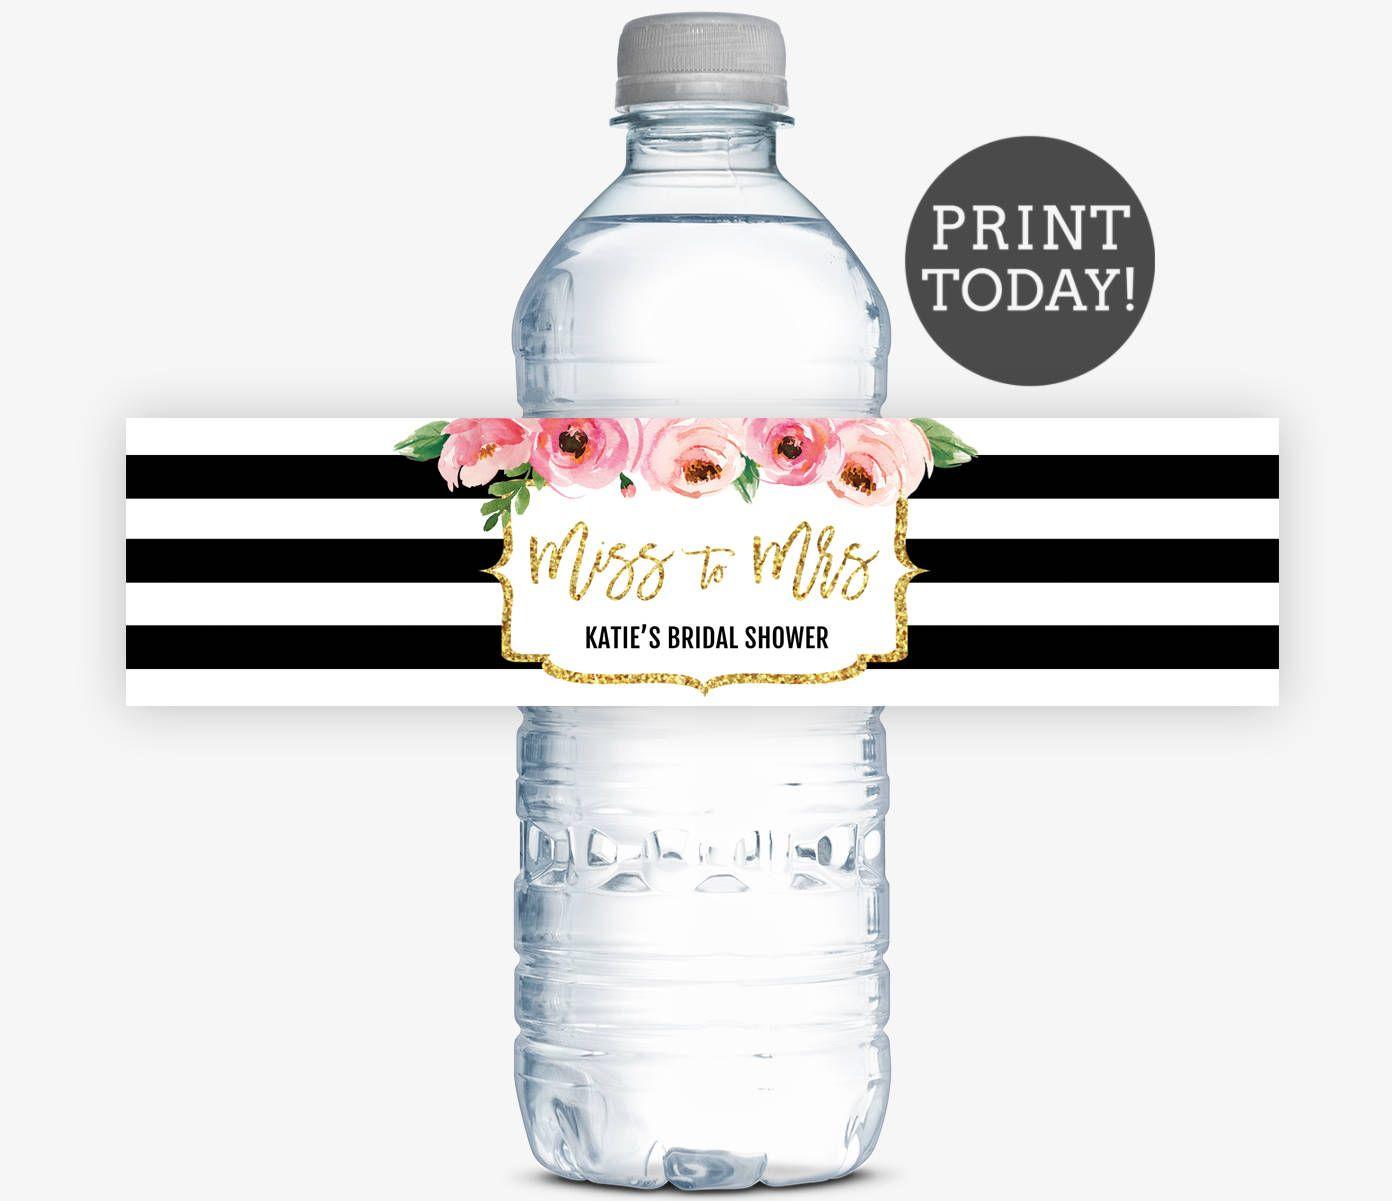 dbd6bc706d2d Kate Bridal Shower Water Bottle Labels, Spade Inspired Bridal Shower ...